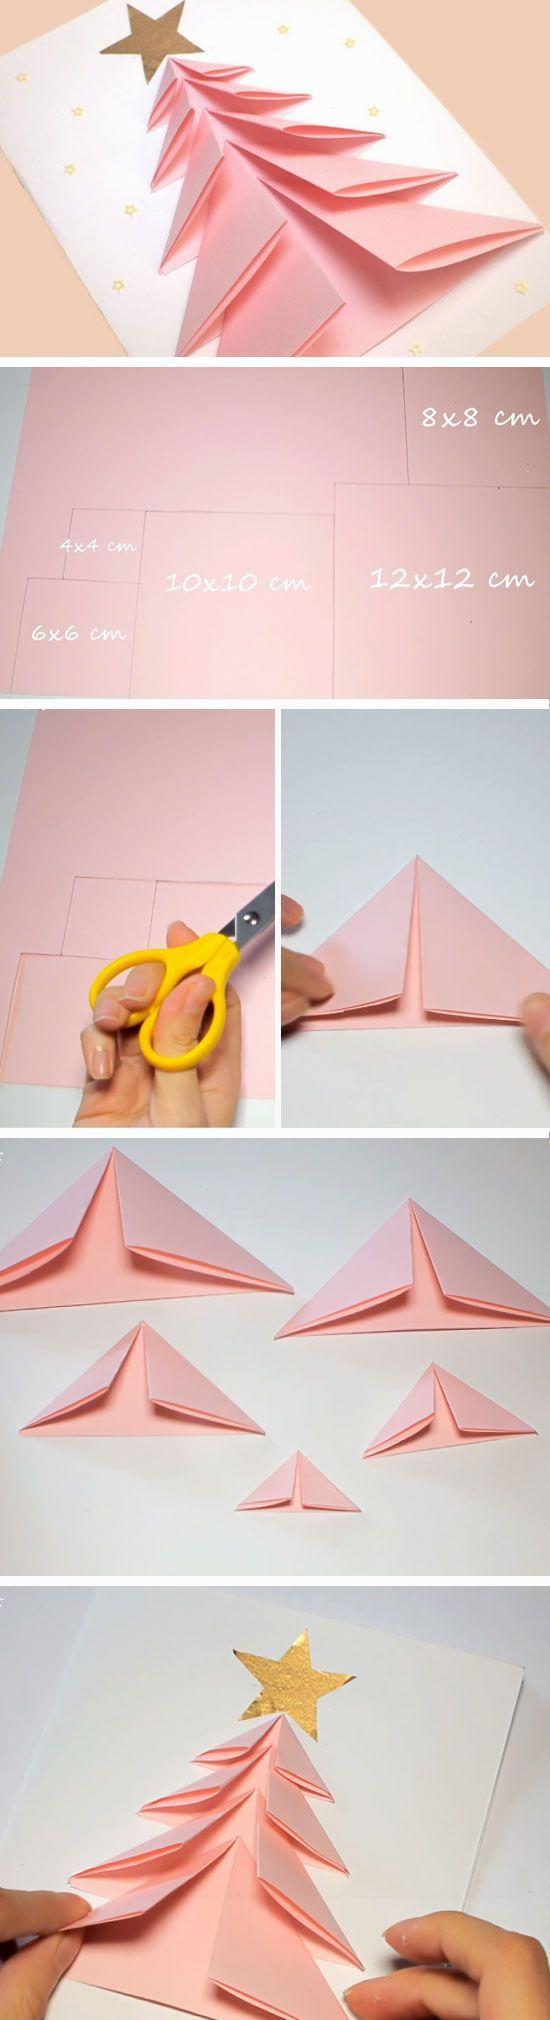 die besten 25 basteln mit papier tannenbaum ideen auf. Black Bedroom Furniture Sets. Home Design Ideas